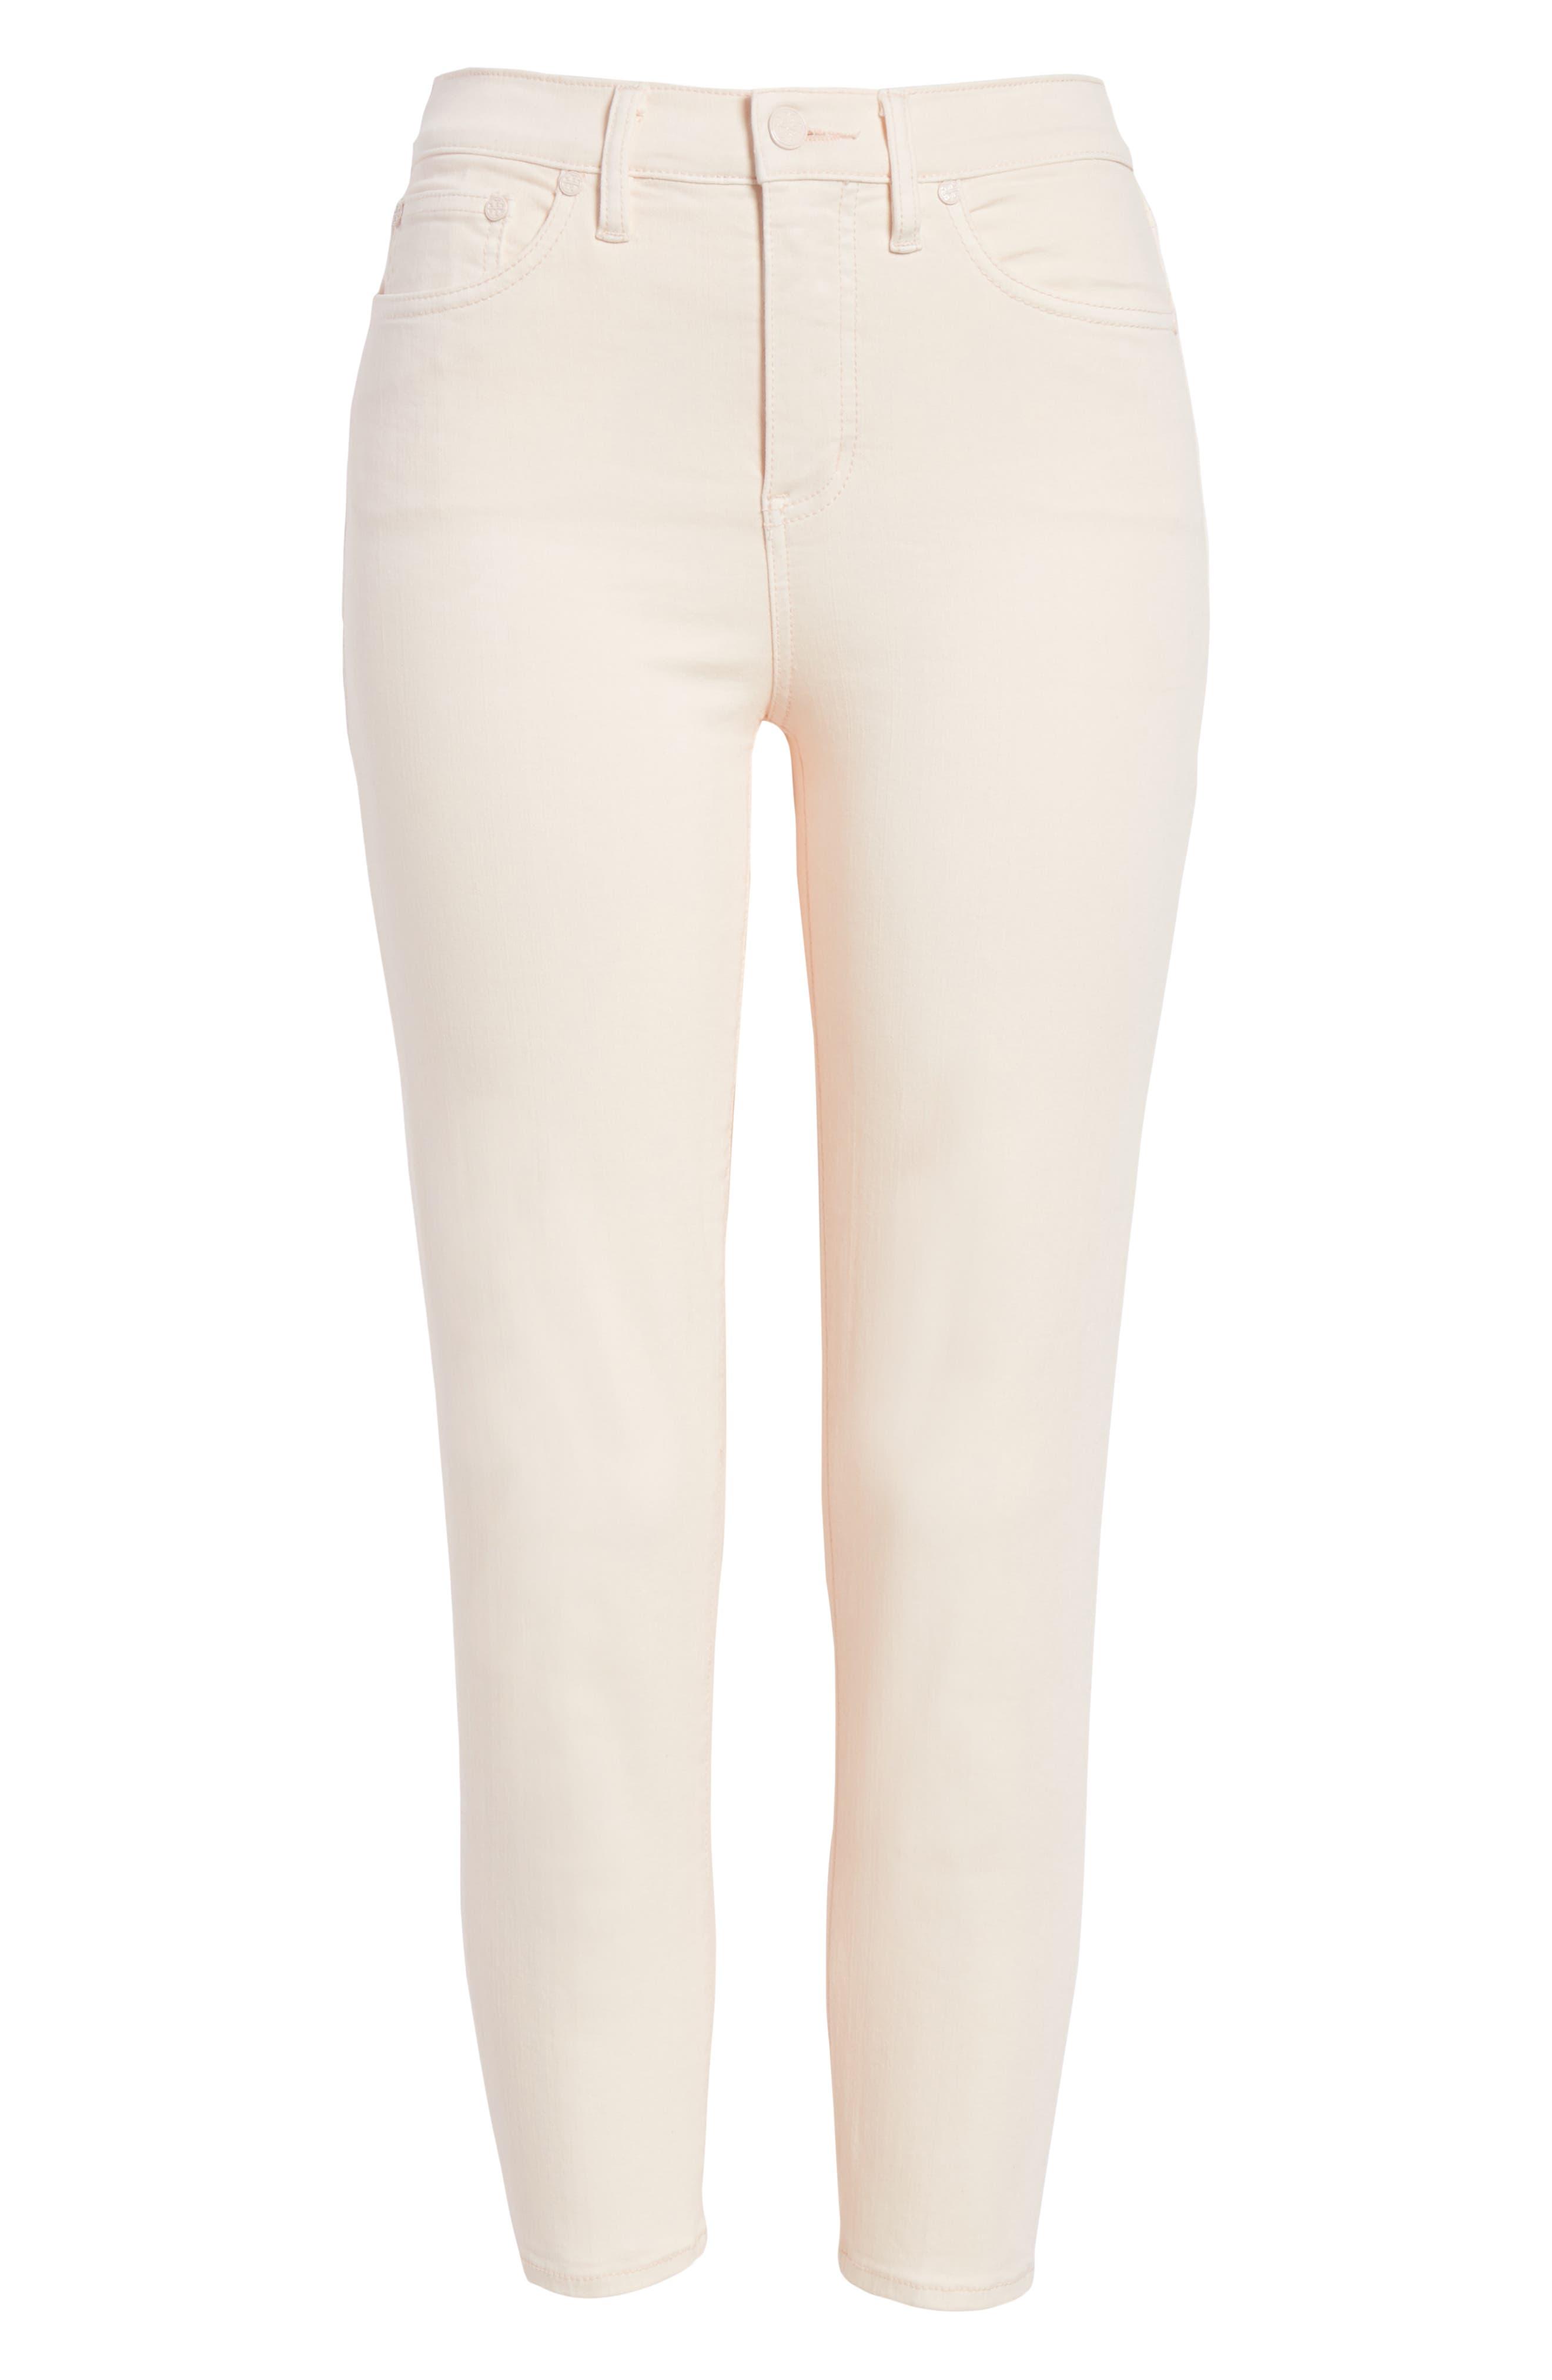 Mara Crop Skinny Jeans,                             Alternate thumbnail 6, color,                             654